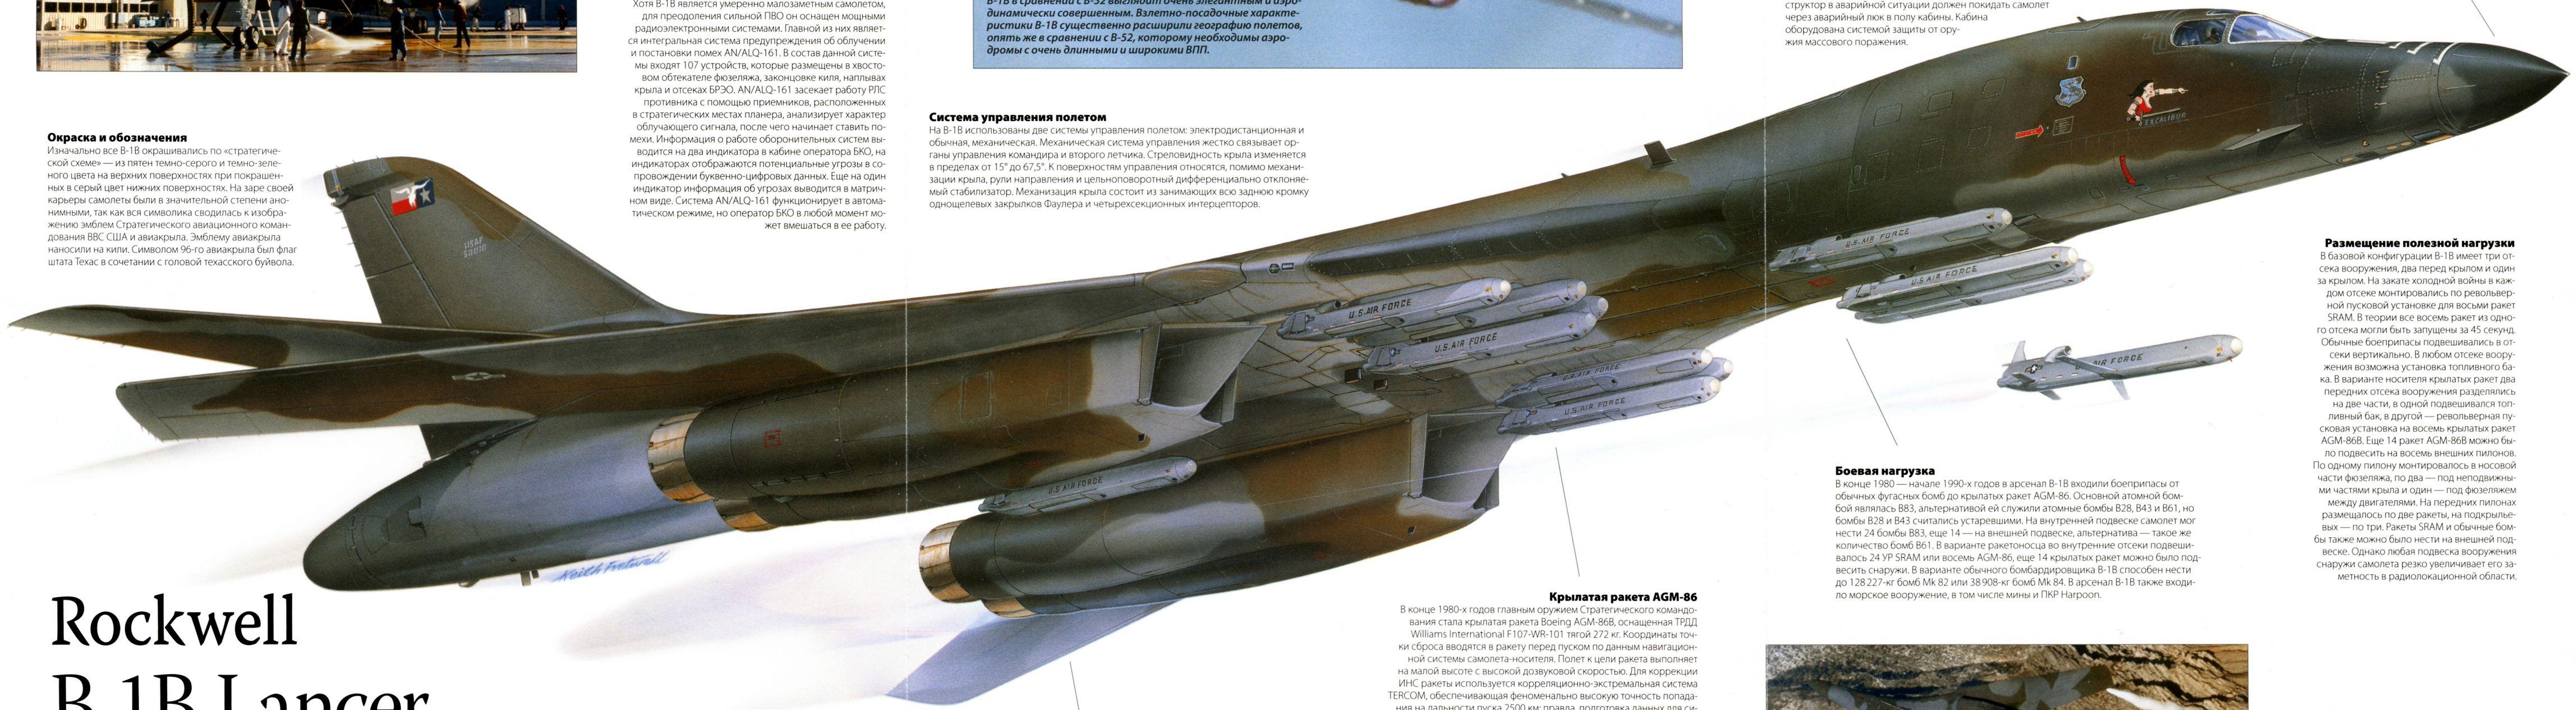 �ล�าร���หารู�ภา�สำหรั� B-1B AGM-86B